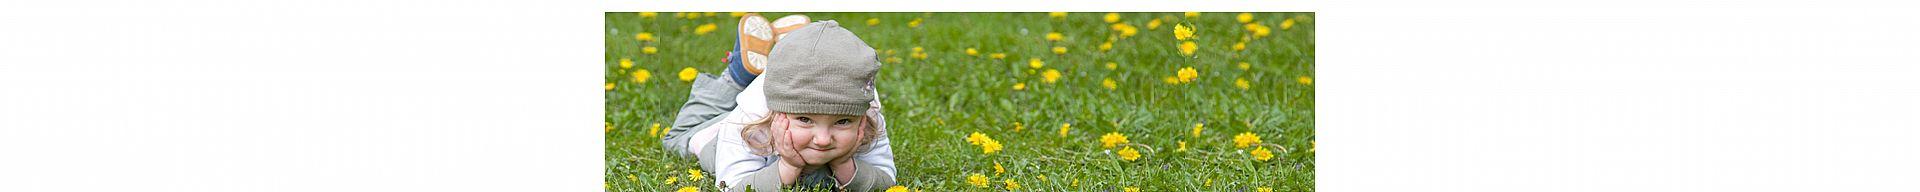 ילדה בשדה חרציות